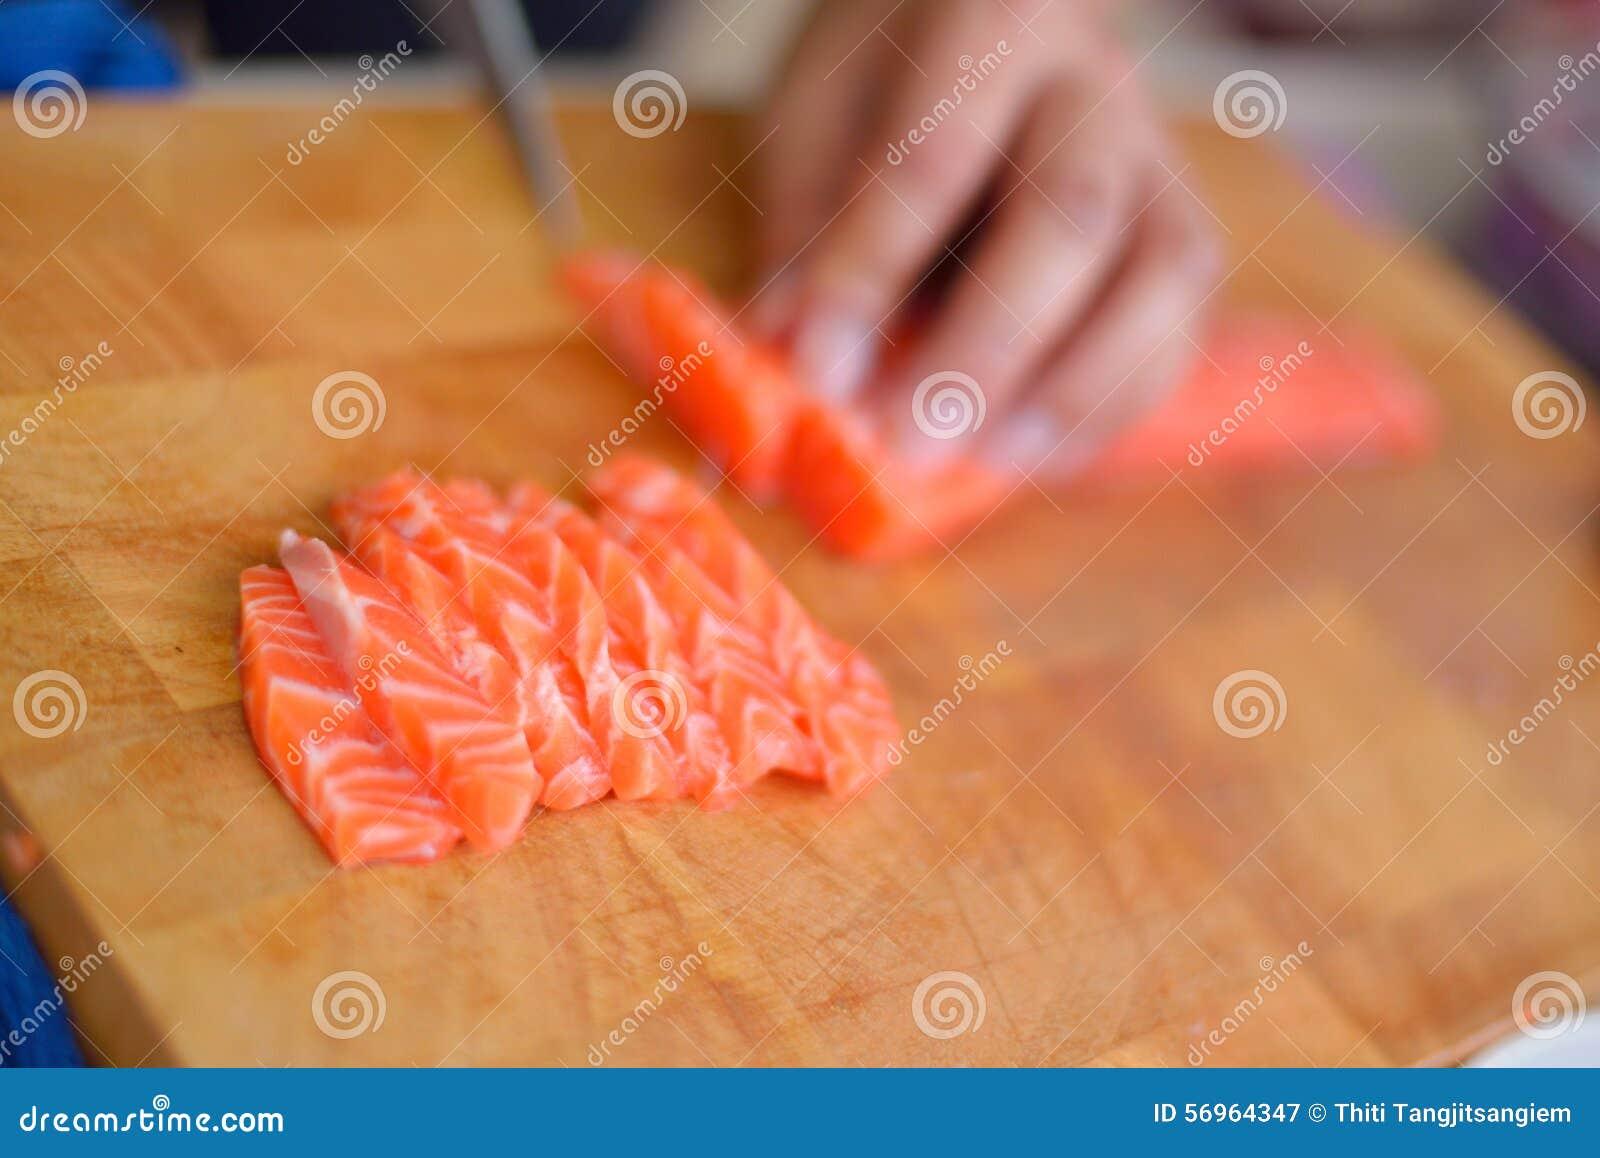 Planlägg praktiska sushi för laxen för elementmenyrestaurangen mycket